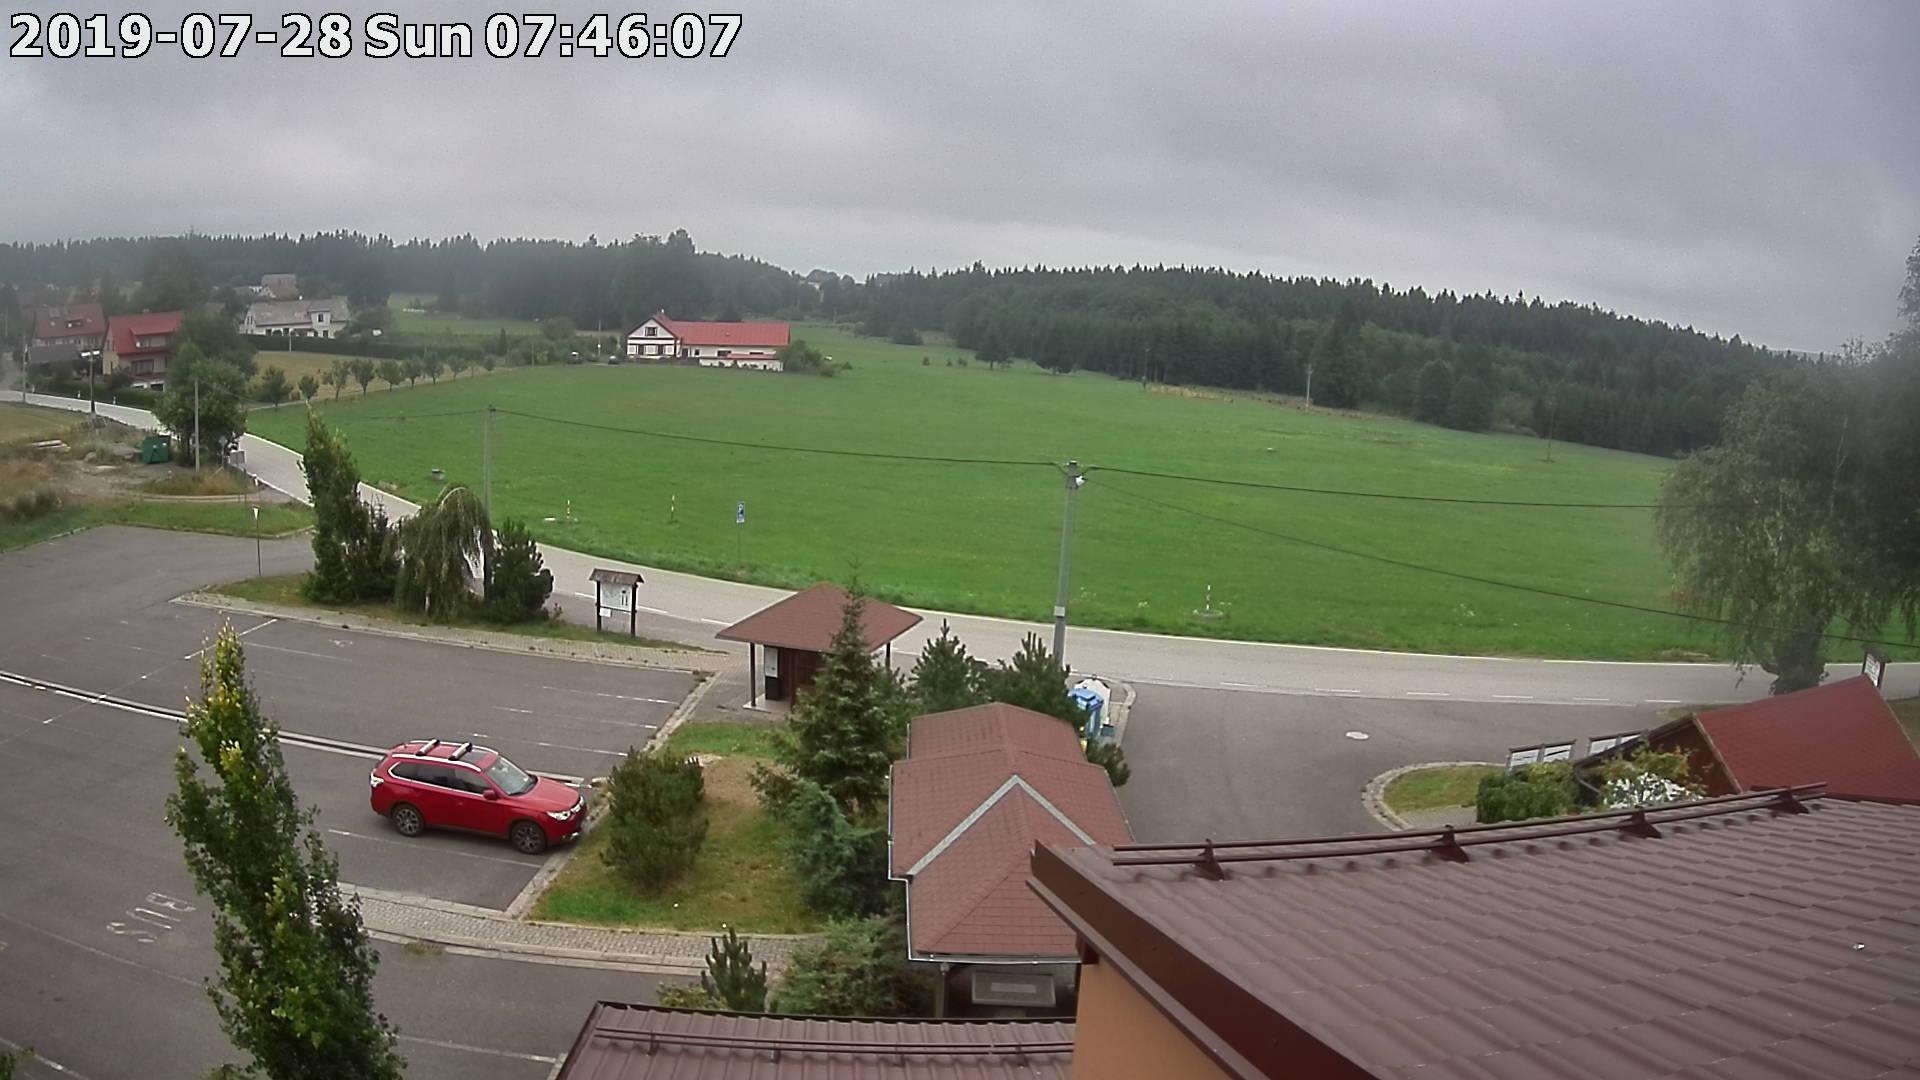 Webkamera ze dne 2019-07-28